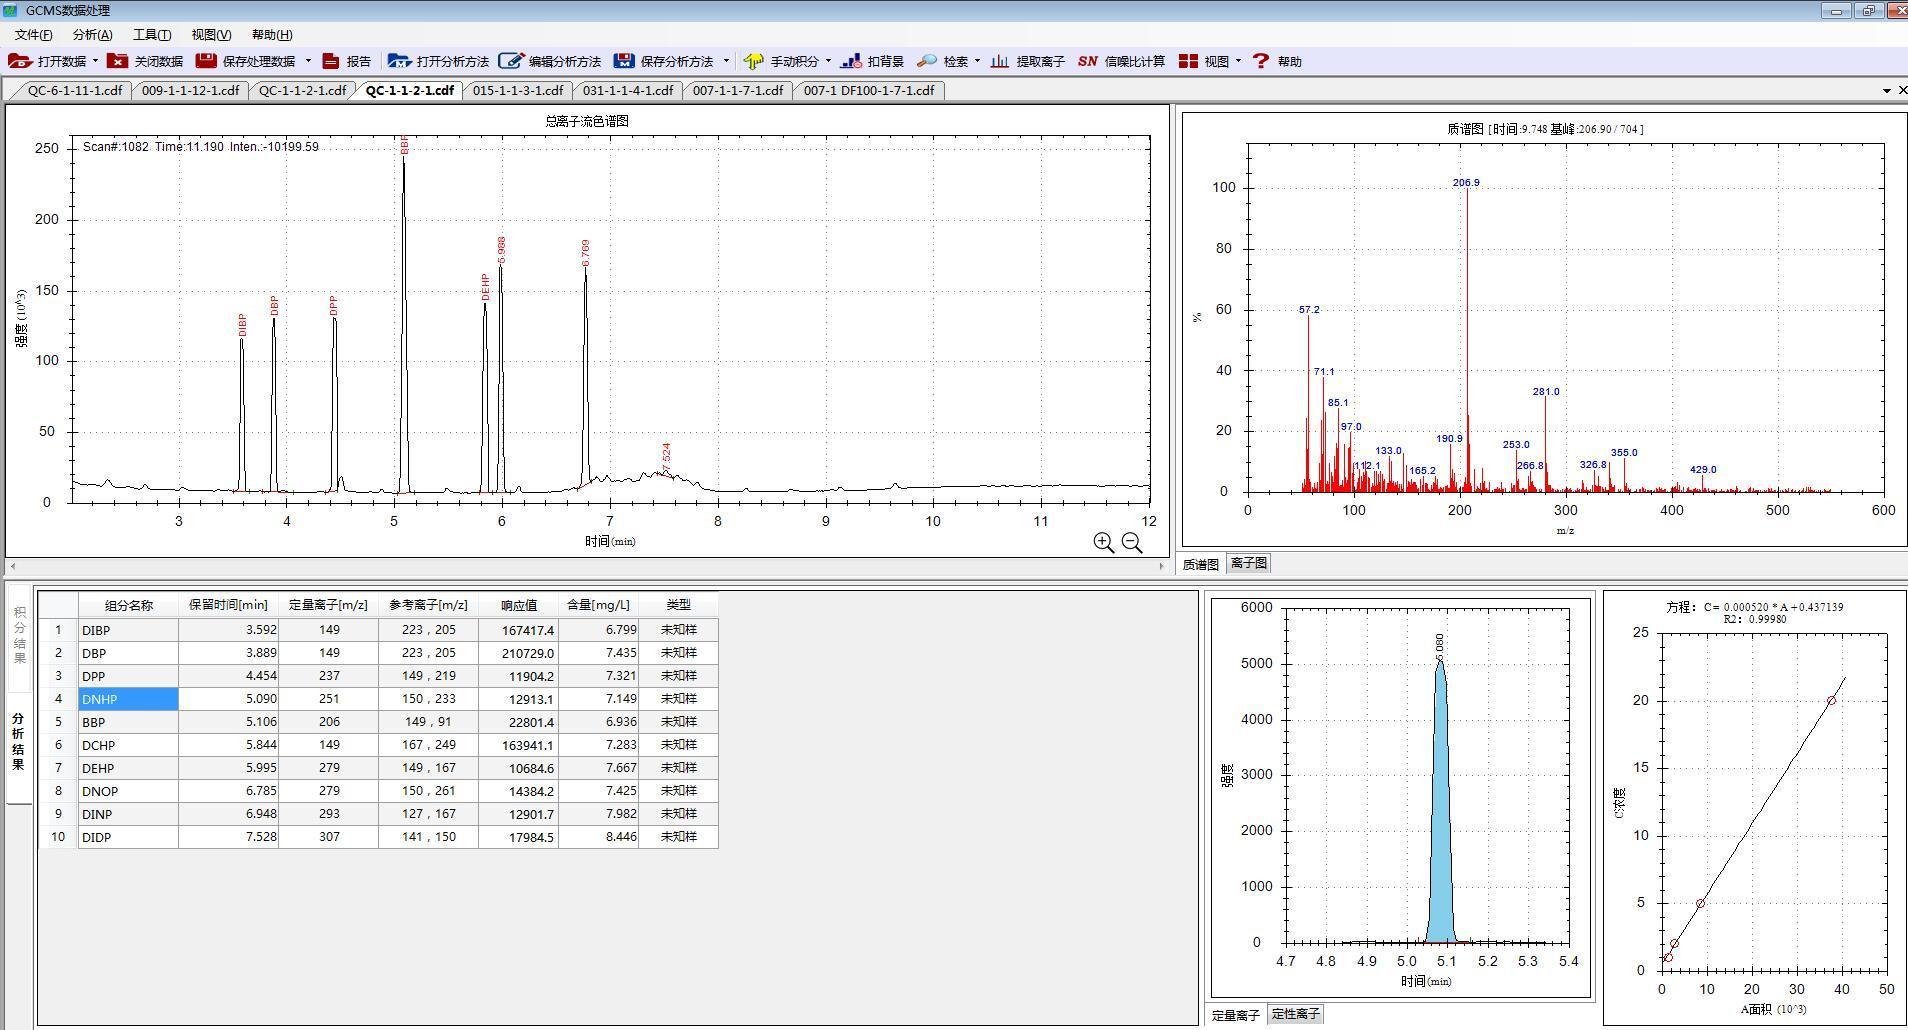 气相色谱质谱联用仪|GC-MS气质联用仪|RoHS2.0邻笨化学元素检测示例图8